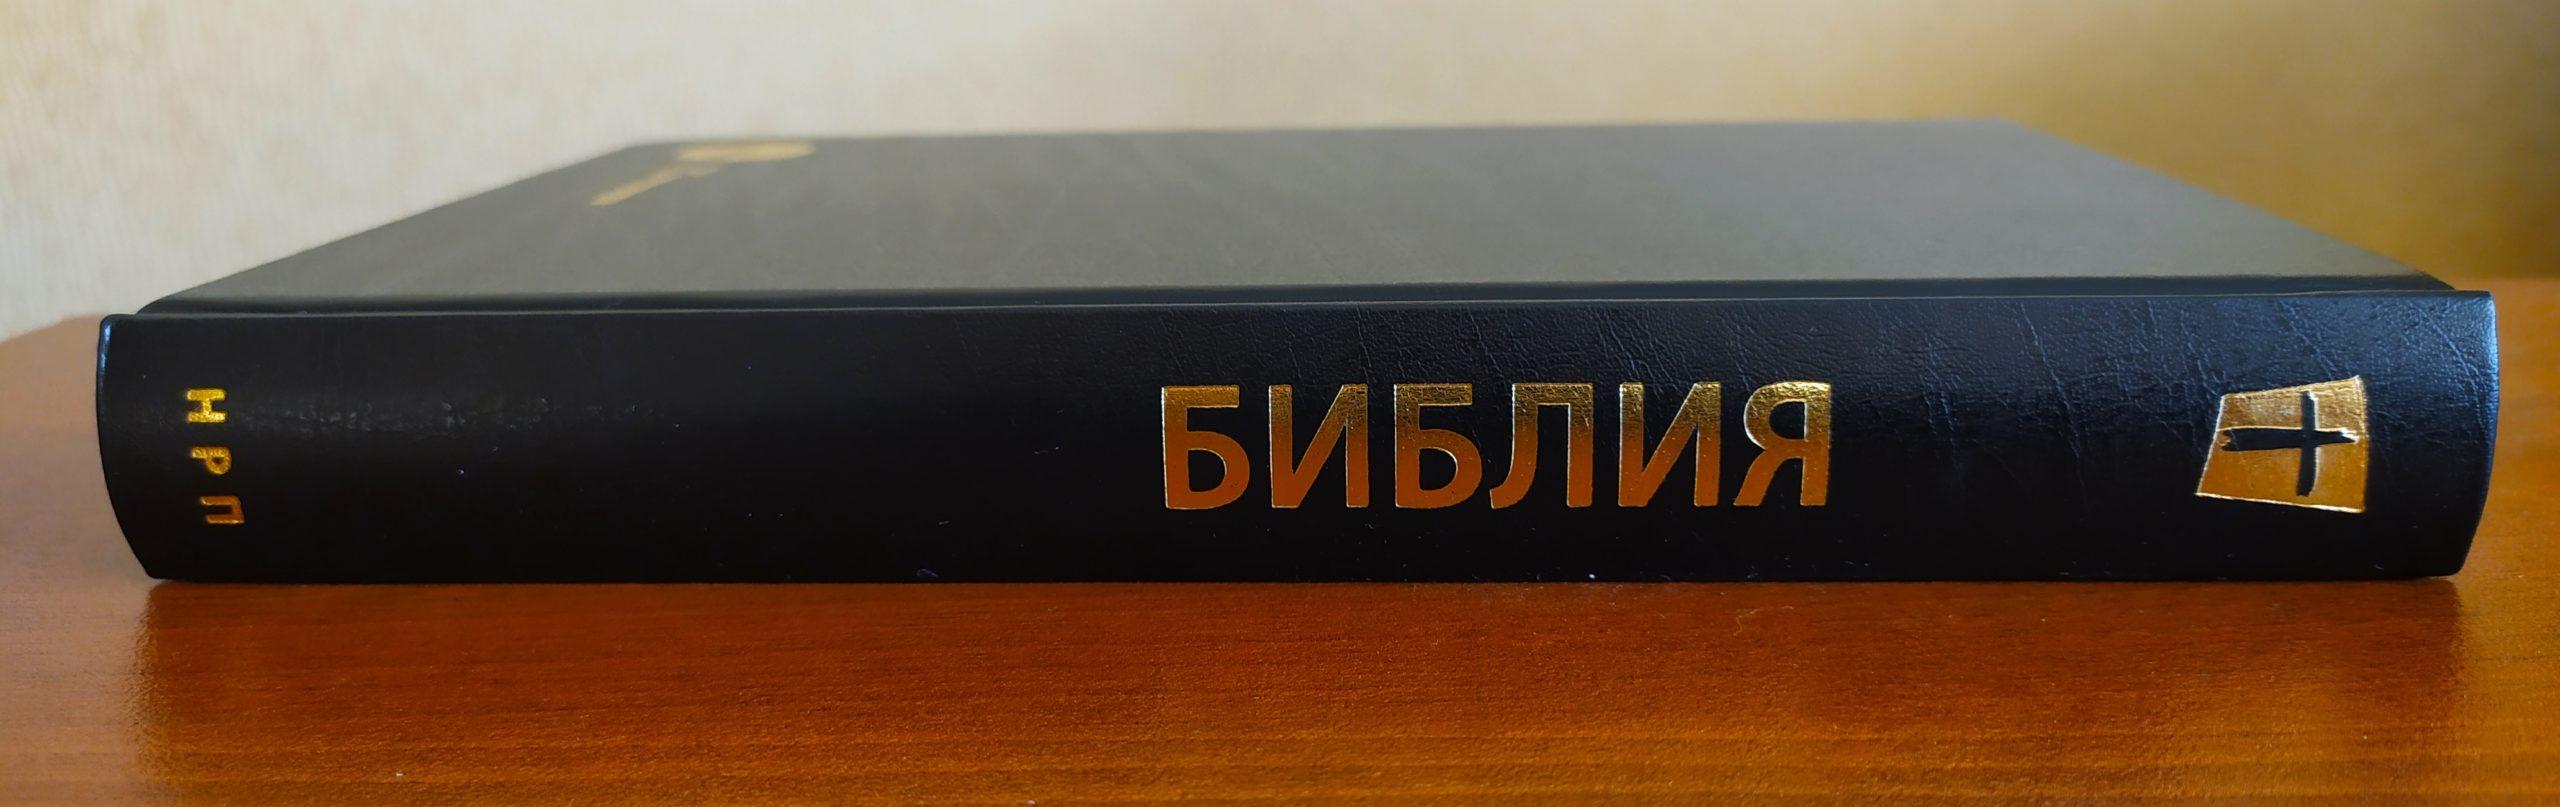 Новый русский перевод